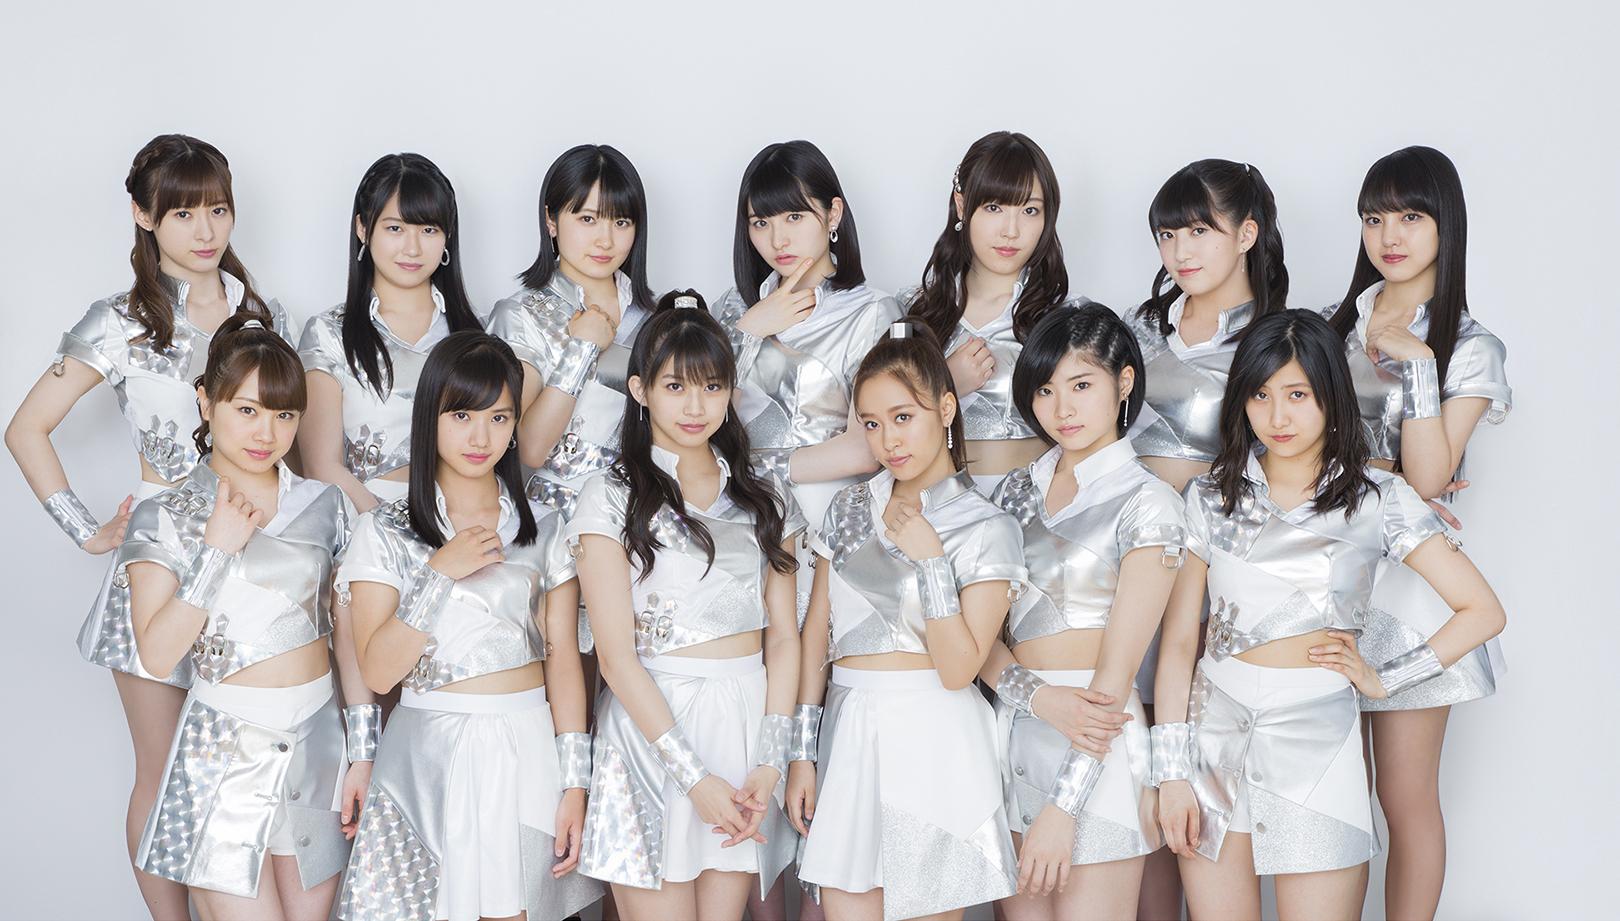 モーニング娘。'18 尾形春水の卒業コンサートがBSスカパー! にて独占生中継!